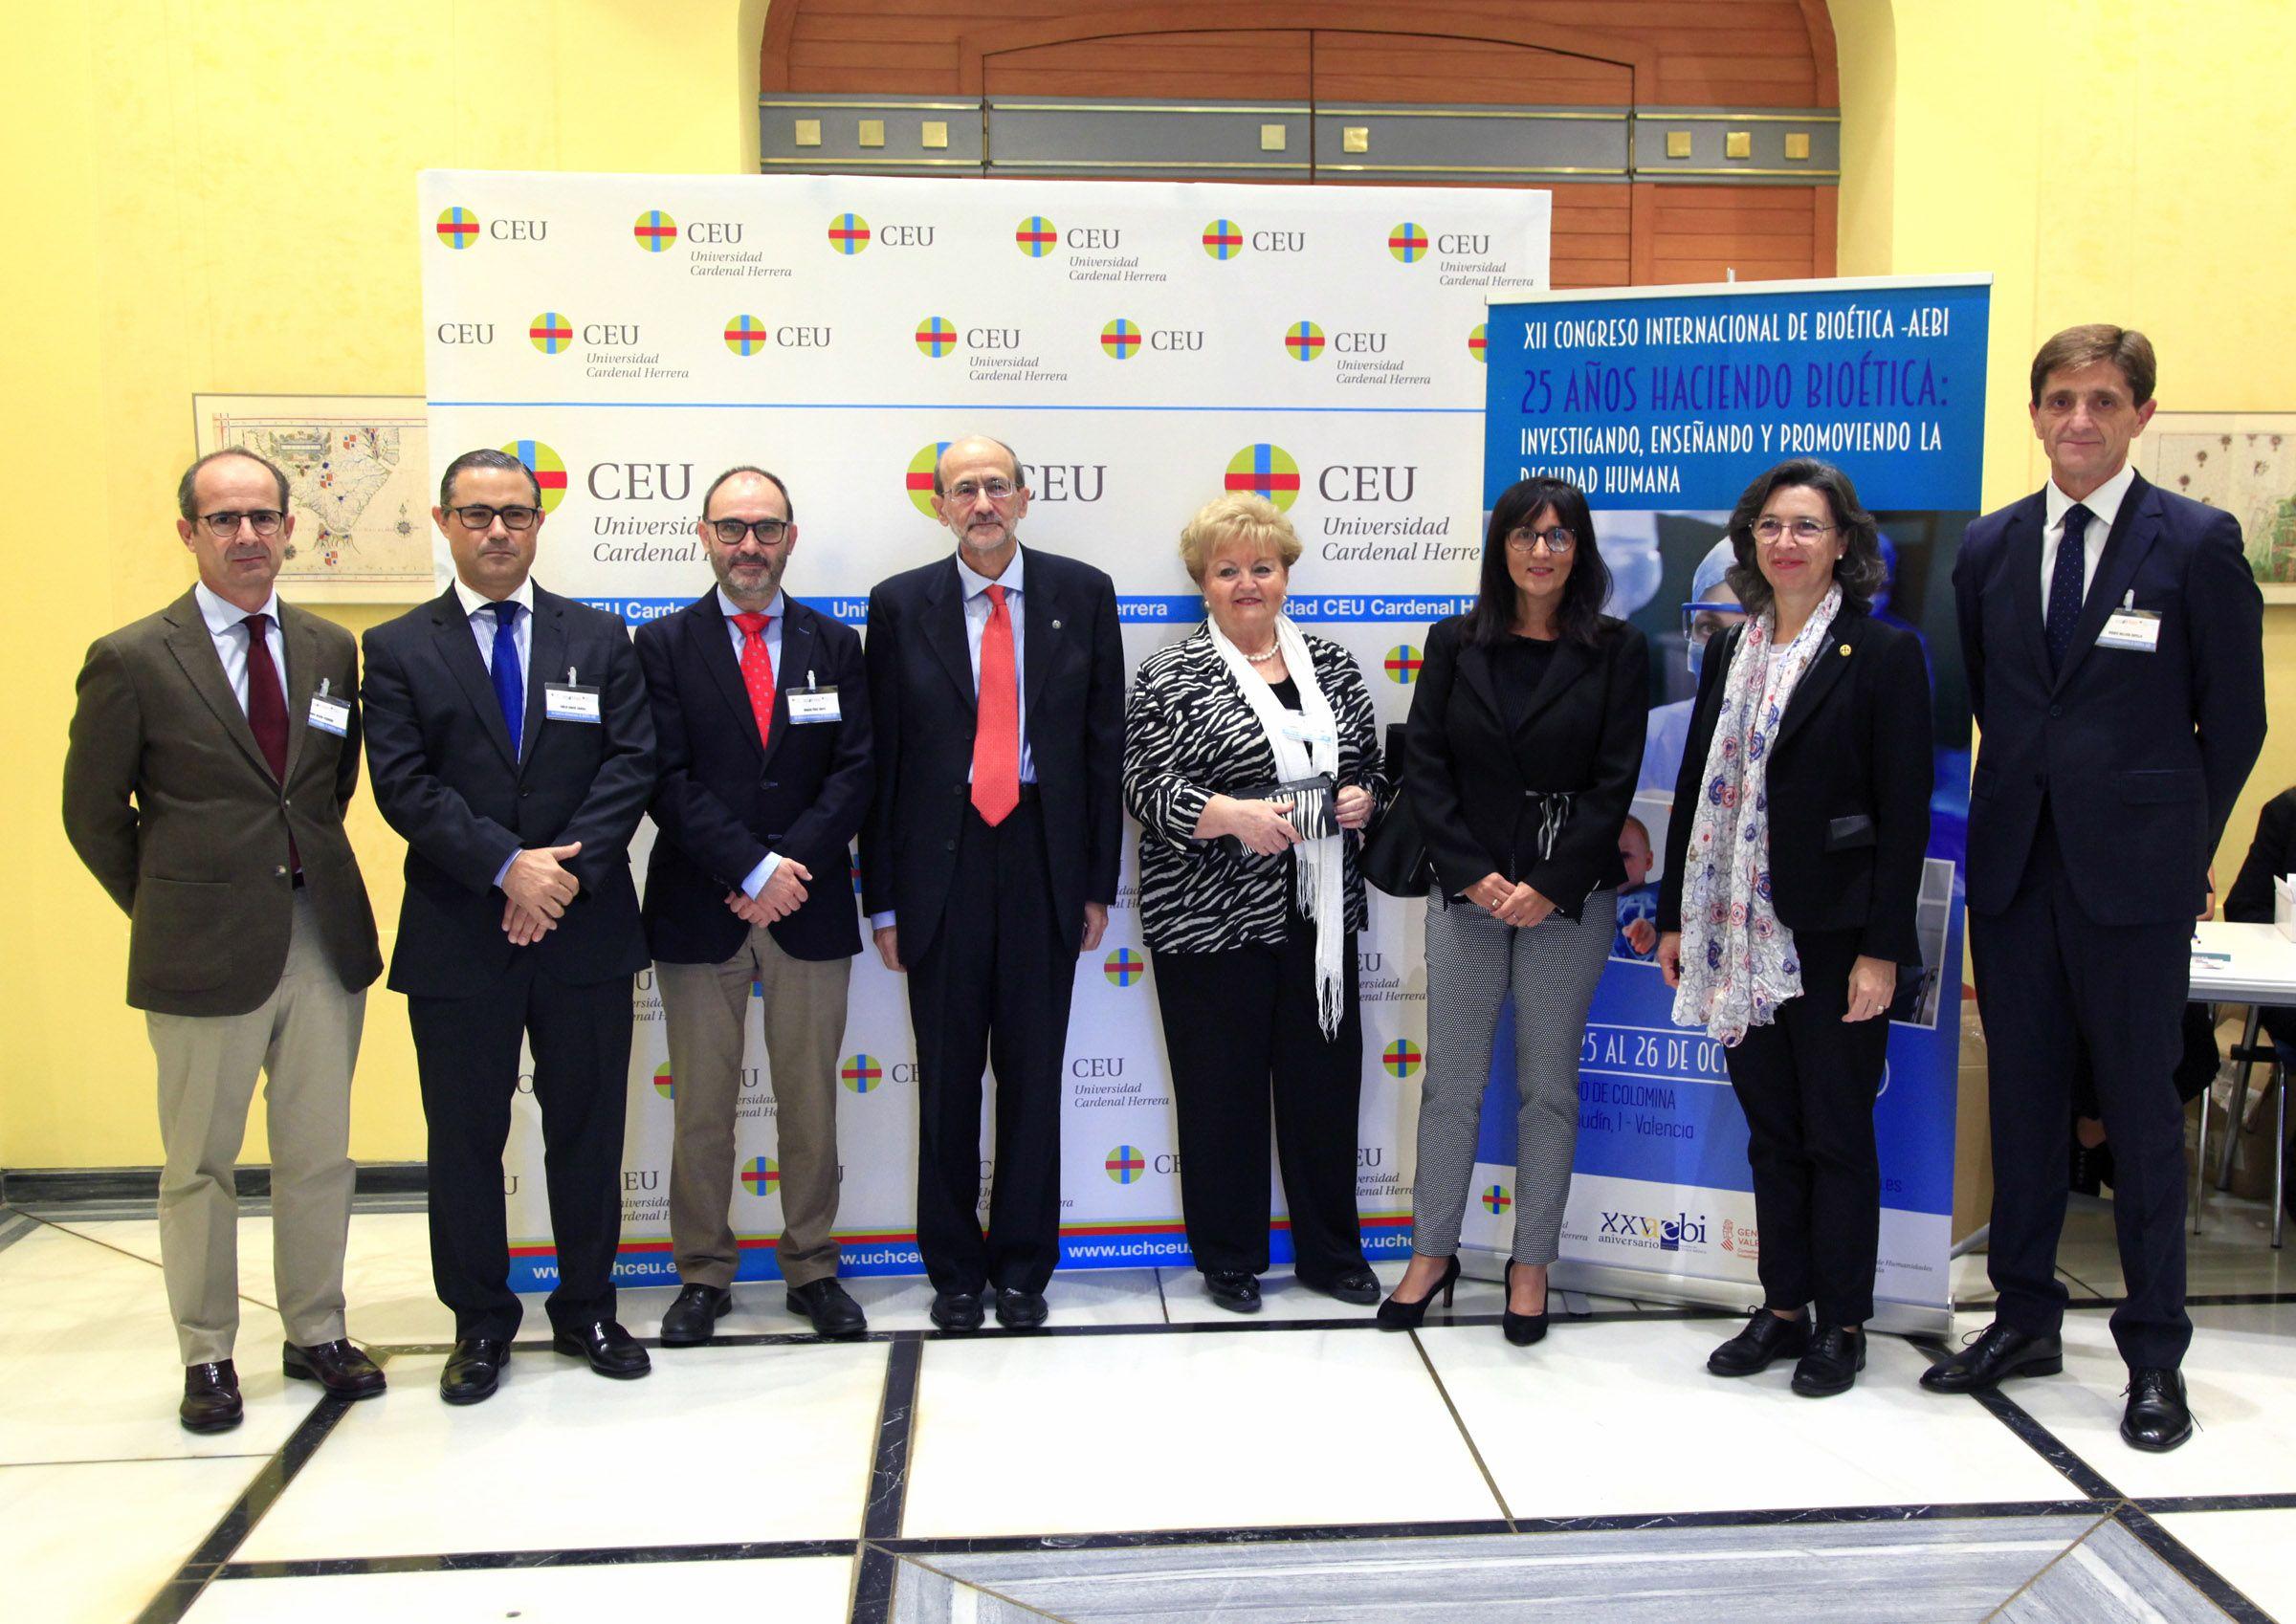 La directiva de la AEBI junto a los ponentes del XII Congreso Internacional de la Asociación Española de Bioética y Ética Médica, esta mañana en el Palacio de Colomina-CEU.